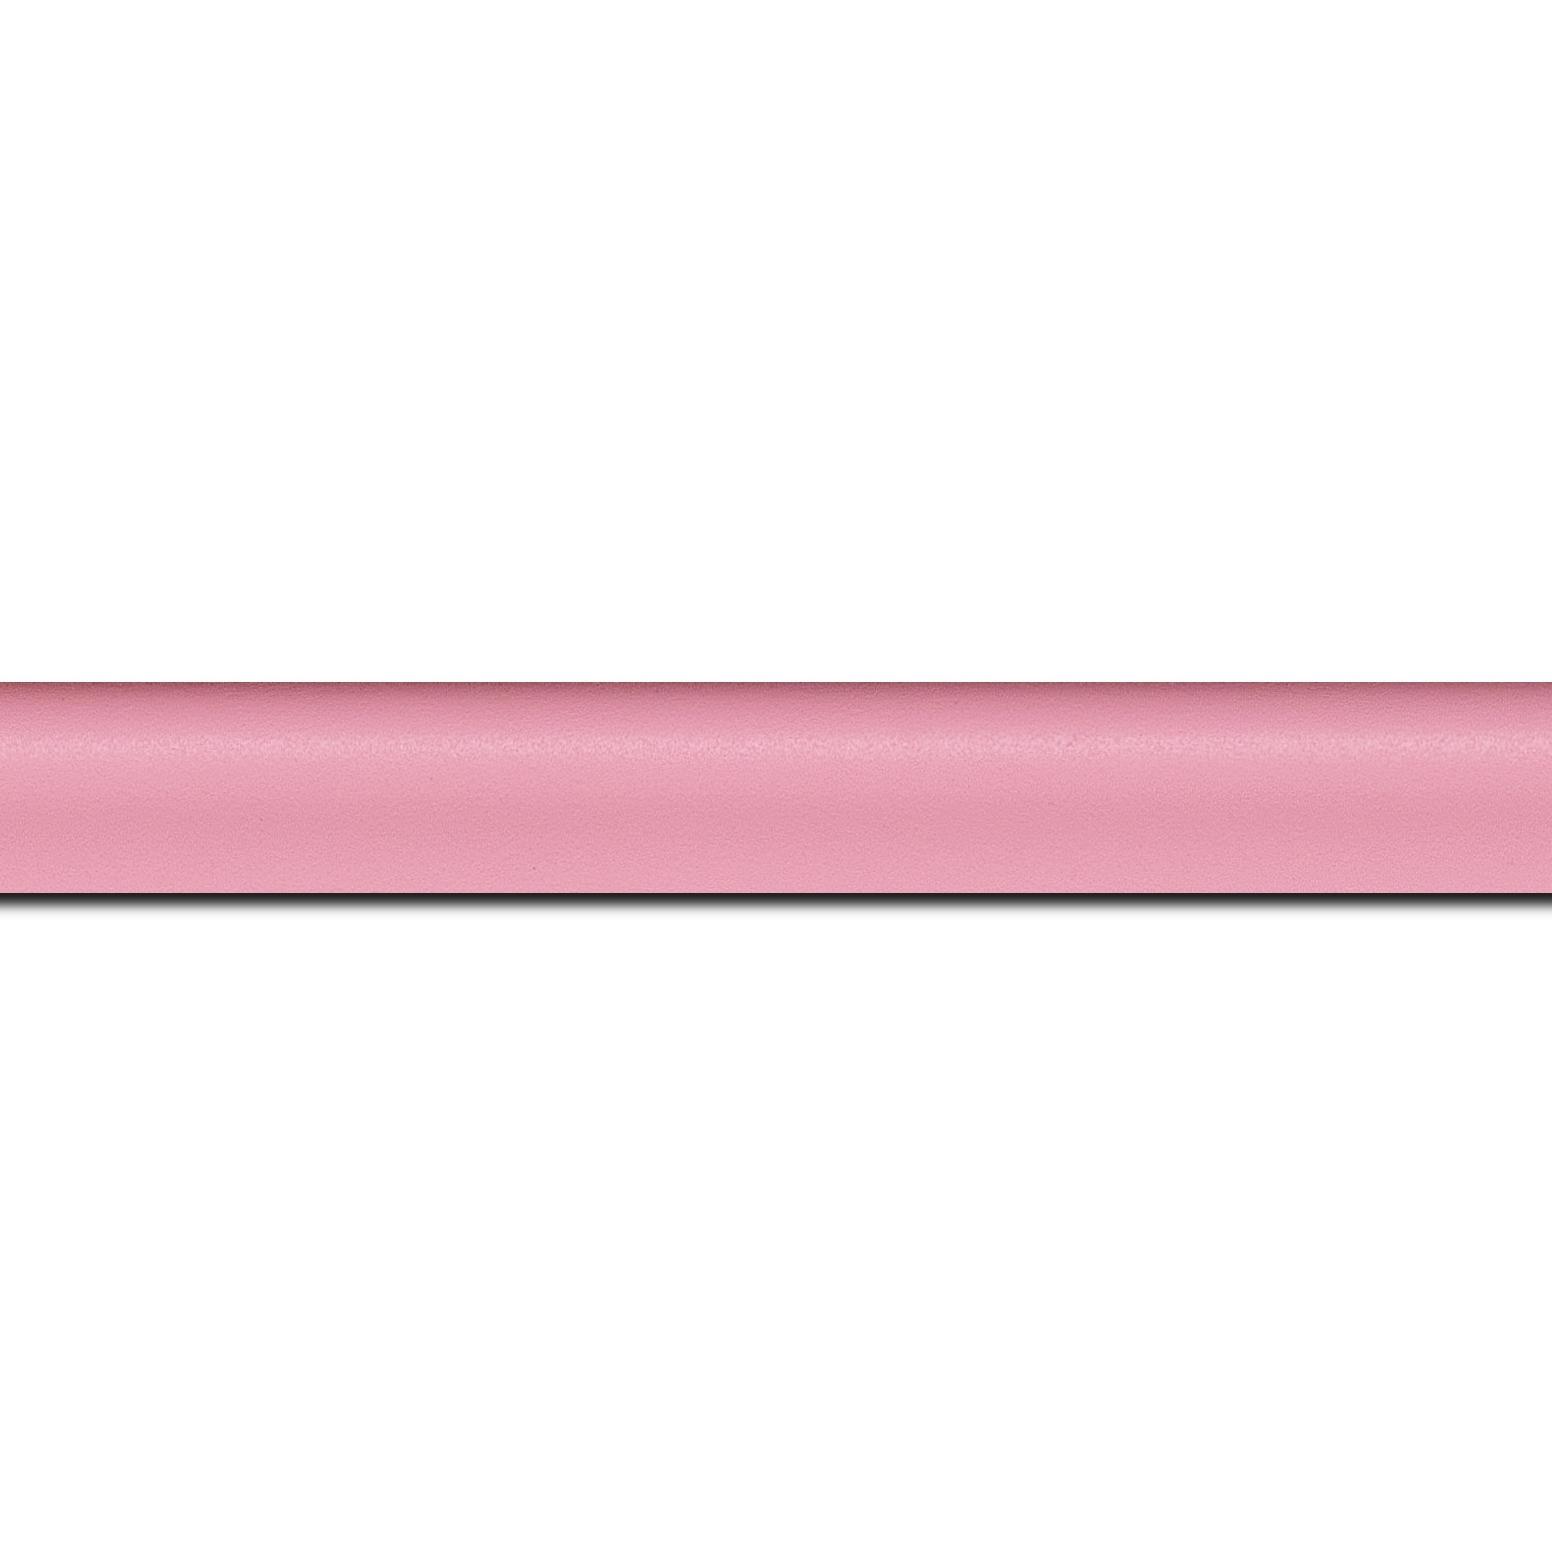 Pack par 12m, bois profil incurvé largeur 2.1cm couleur rose tendre satiné (longueur baguette pouvant varier entre 2.40m et 3m selon arrivage des bois)